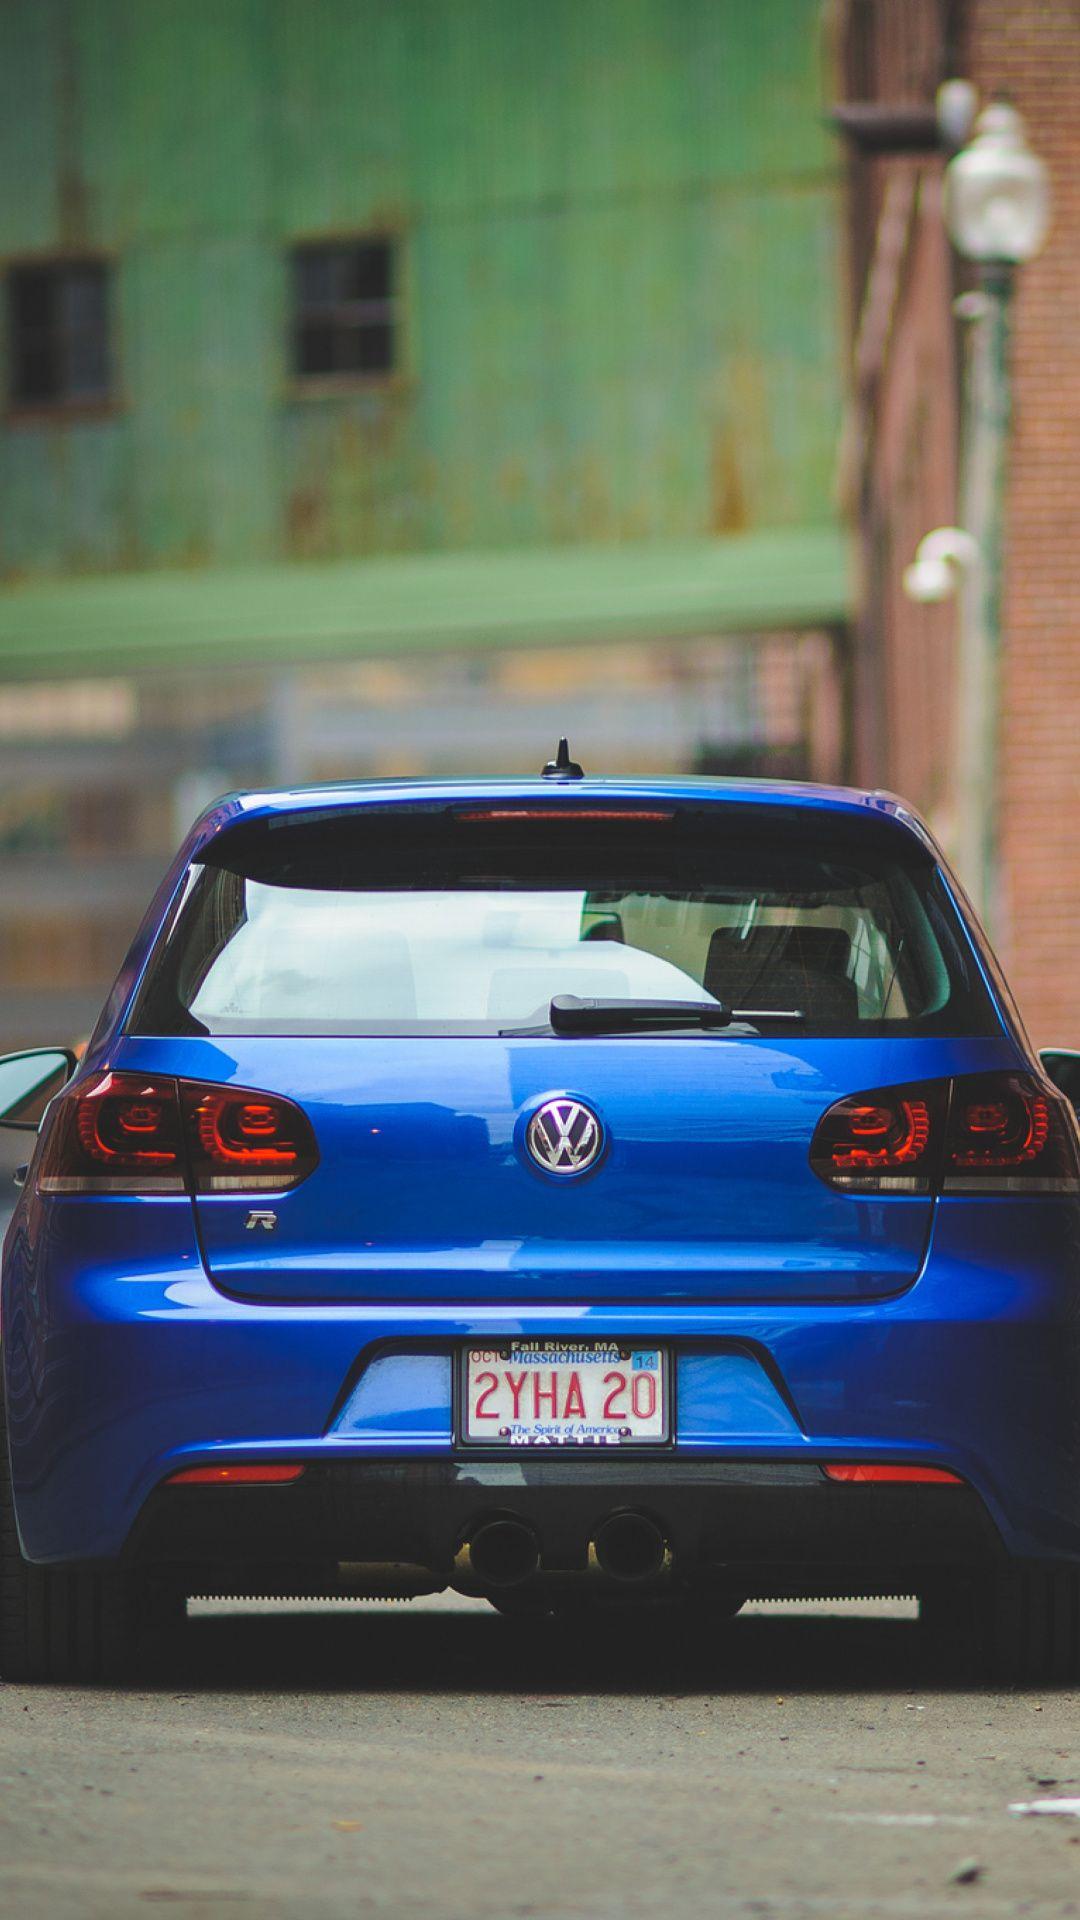 Volkswagen Golf R Wallpaper for iPhone 6 Plus | Images Wallpapers | Pinterest | Volkswagen golf ...